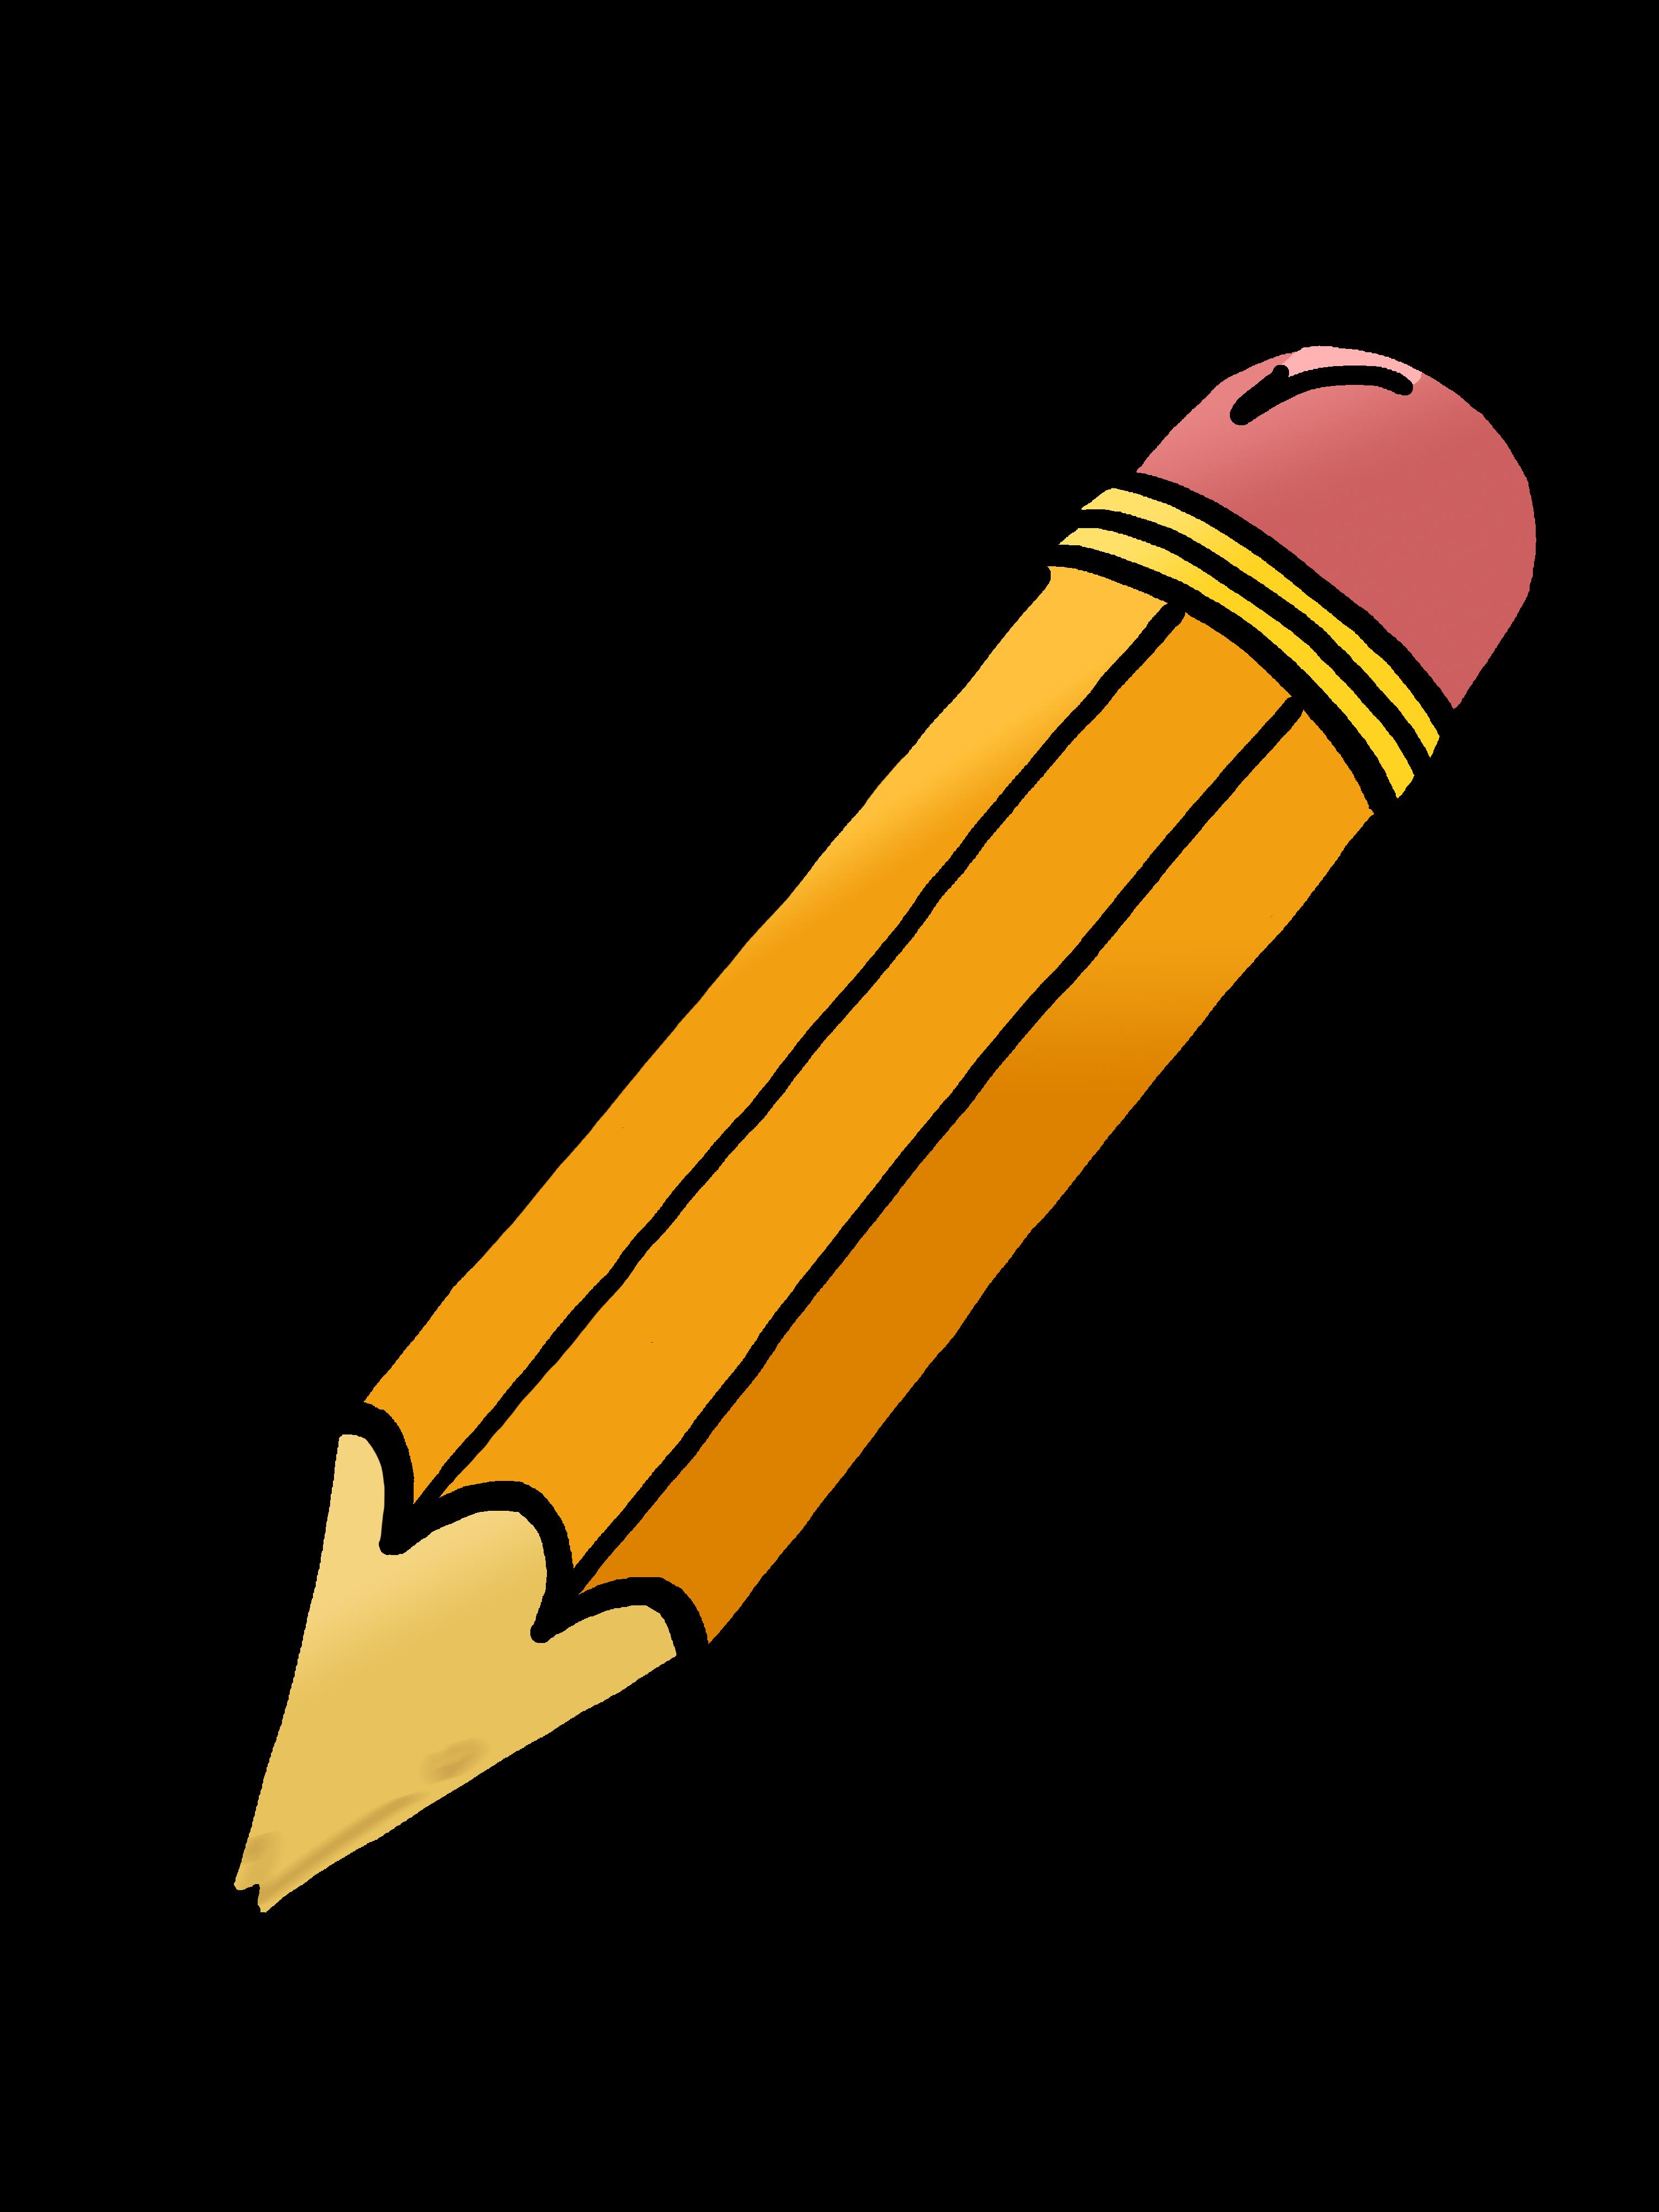 Bleistift Clipart.